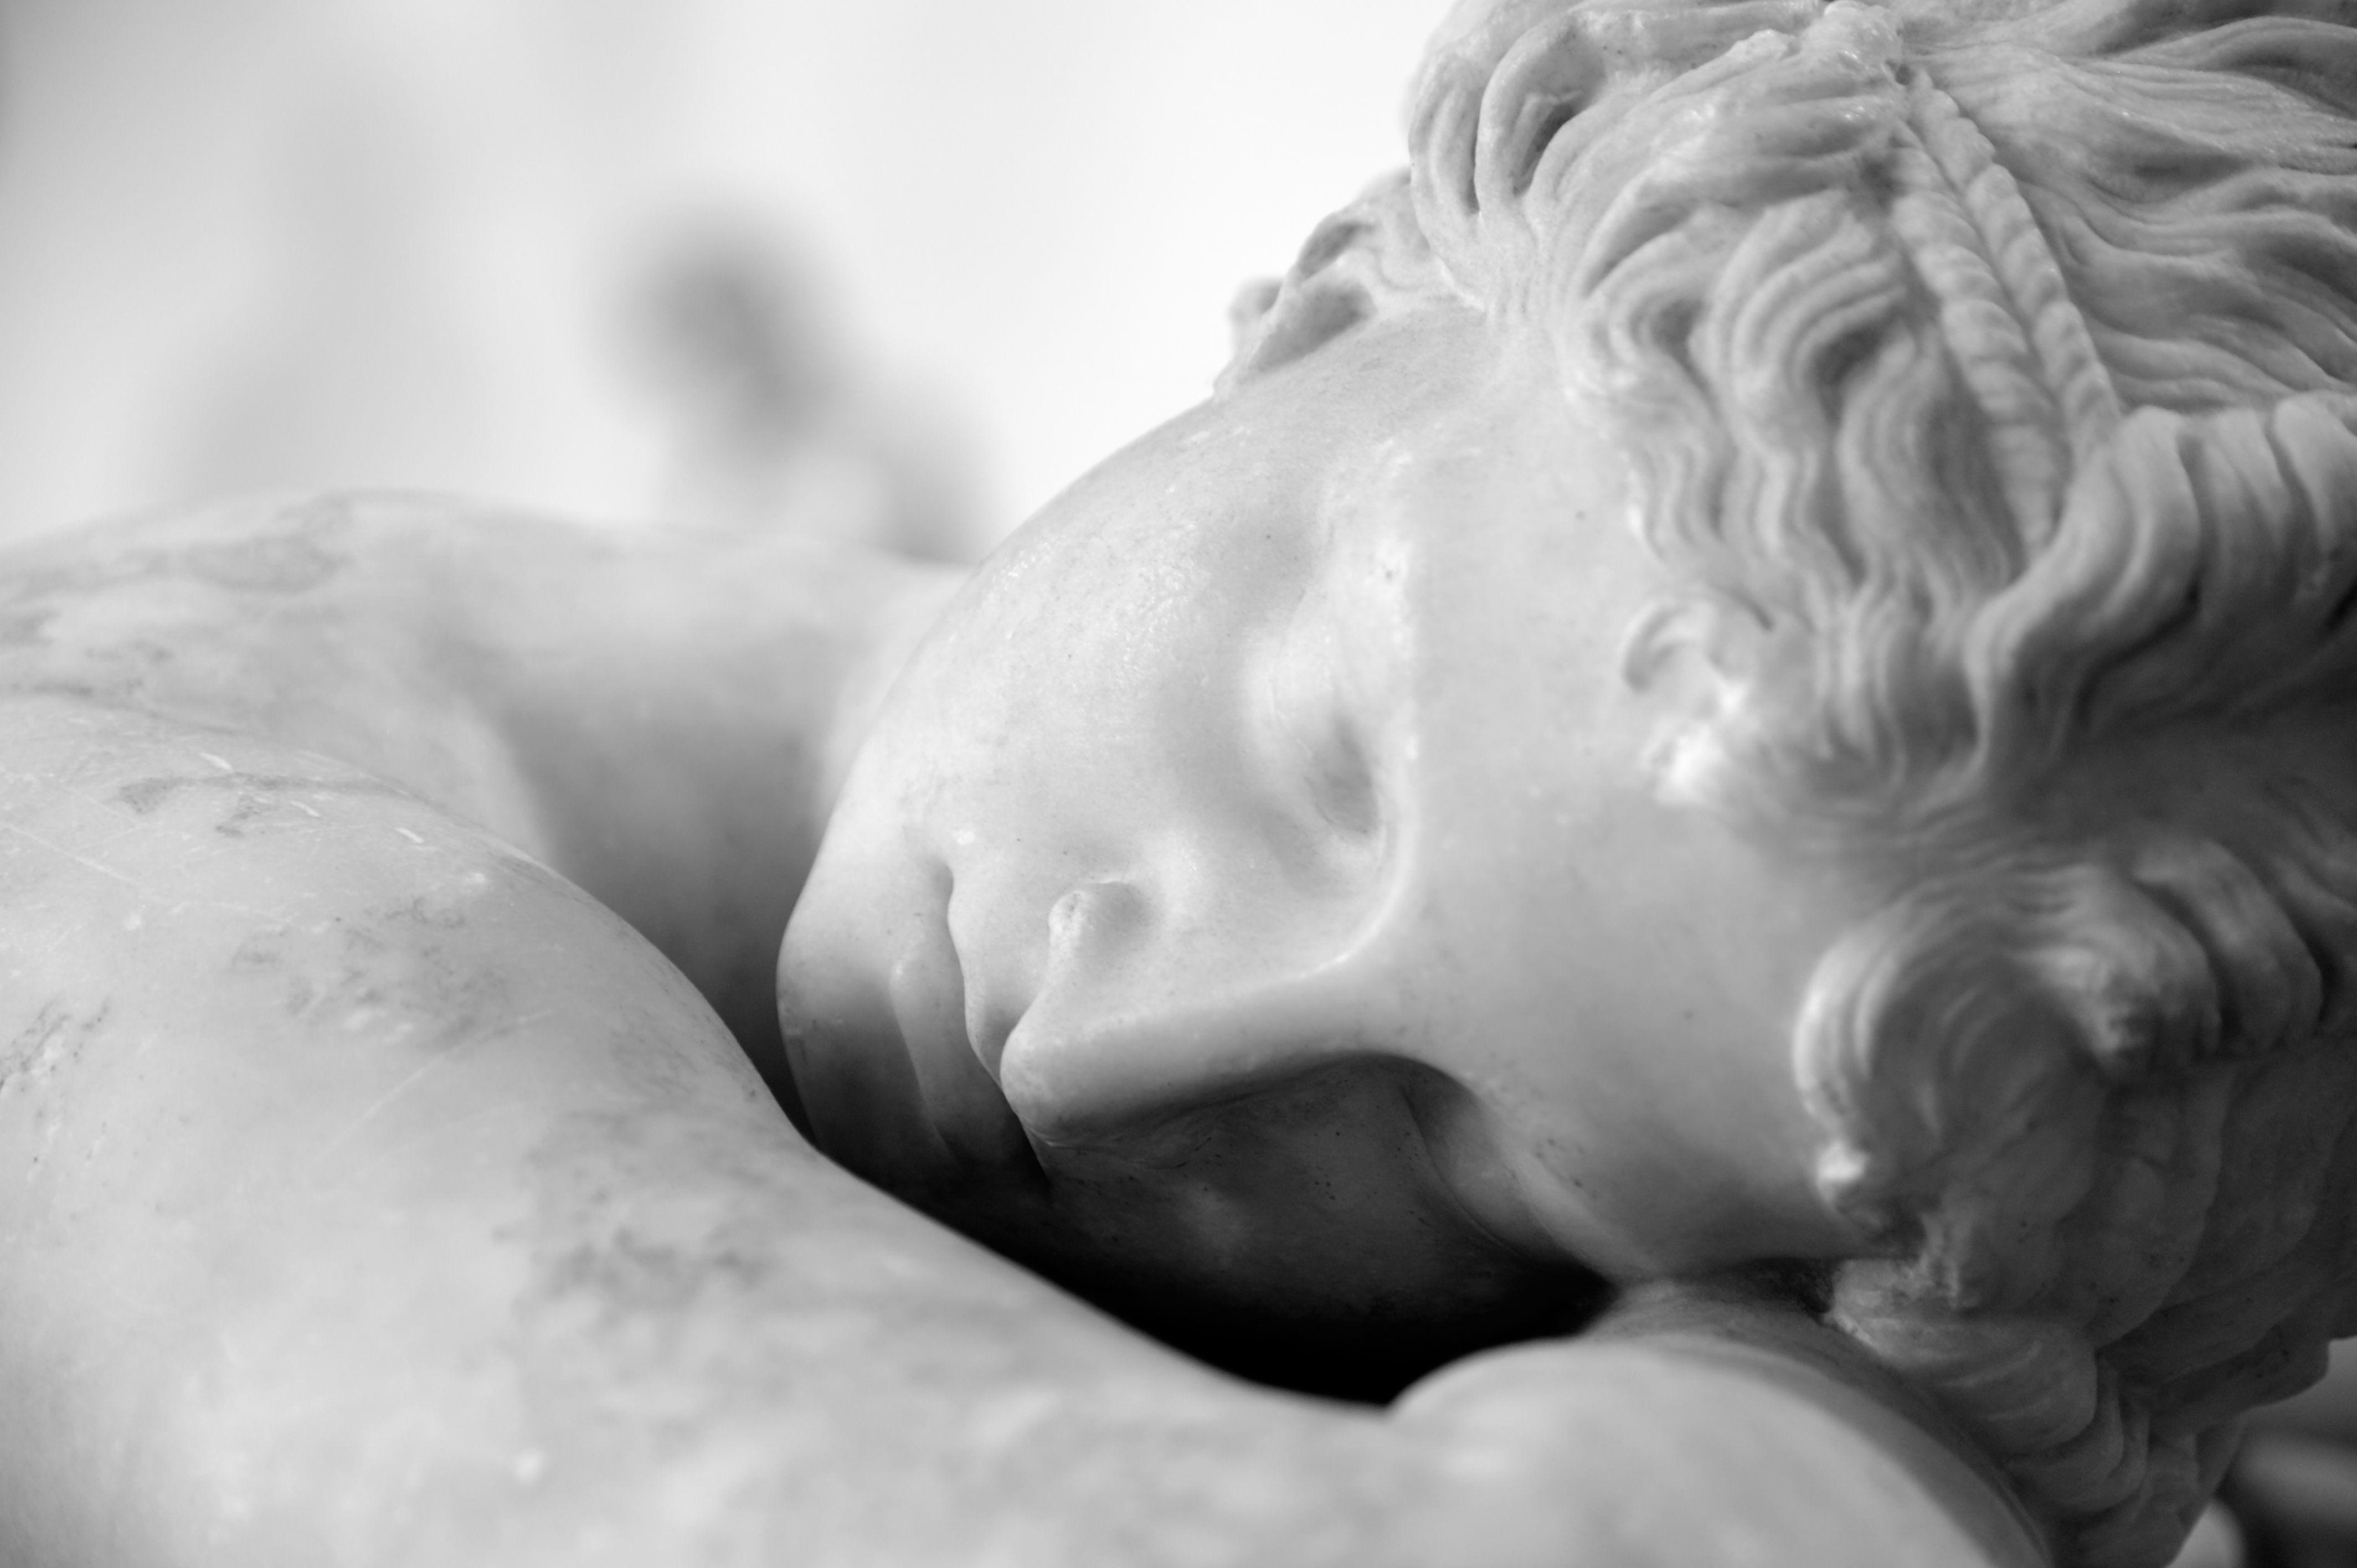 sklavensex in rom